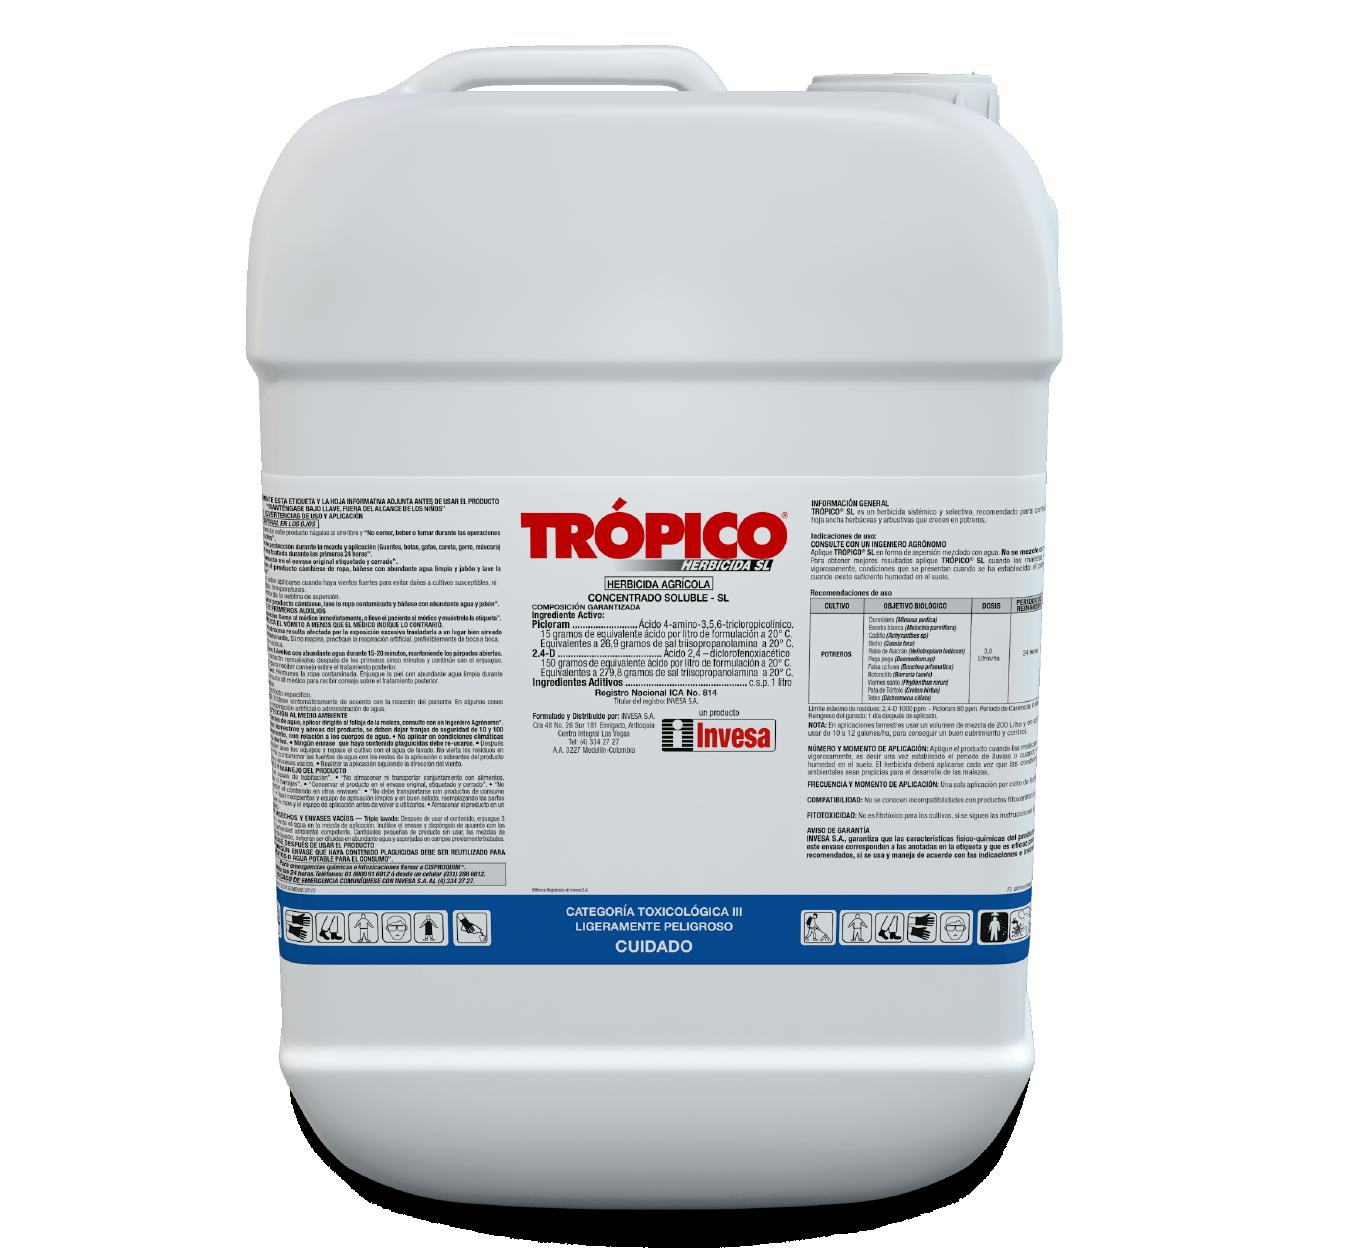 Herbicida tr%c3%b3pico sl invesa 20 litros